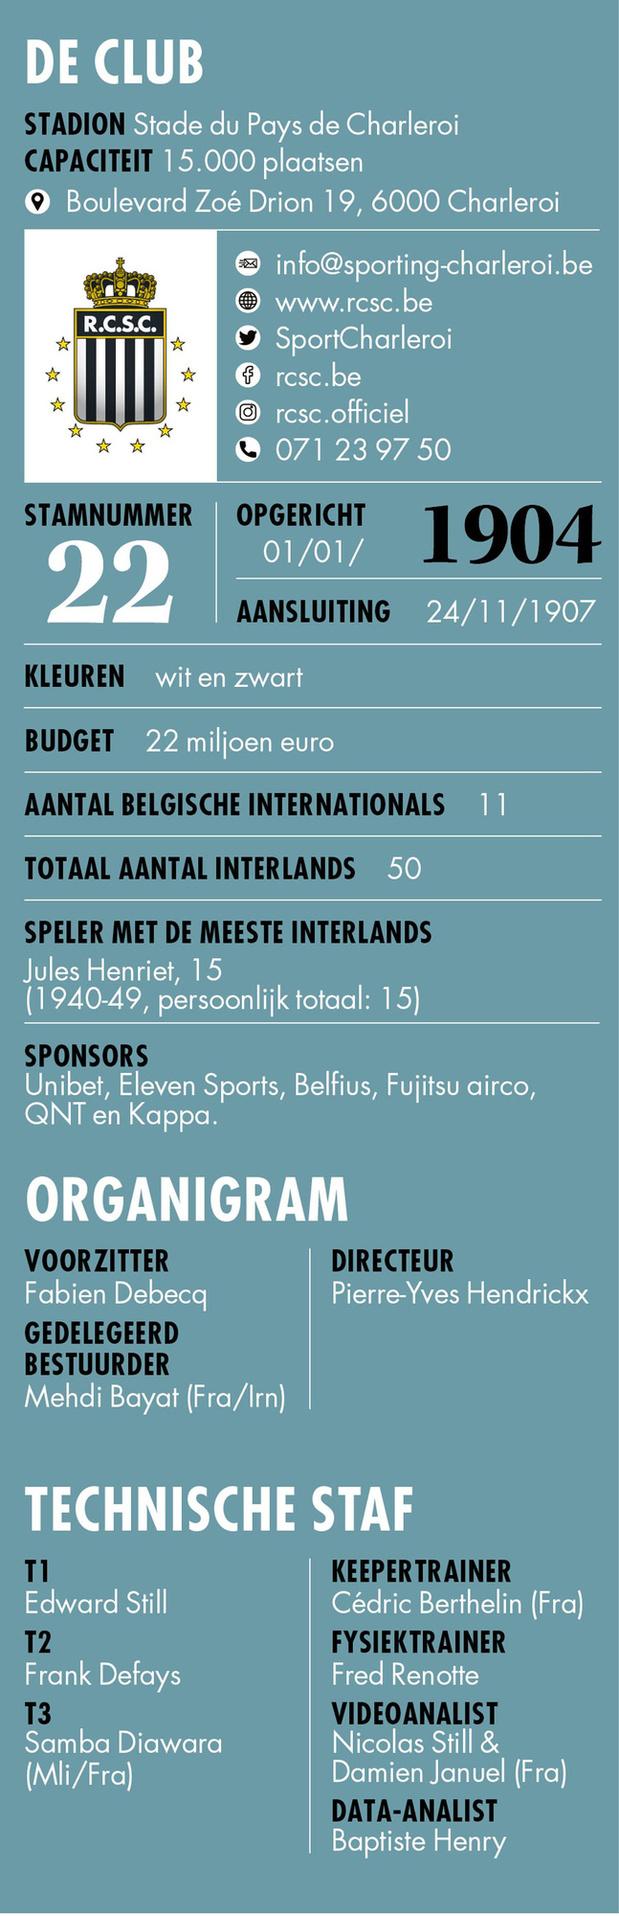 SC Charleroi - Info